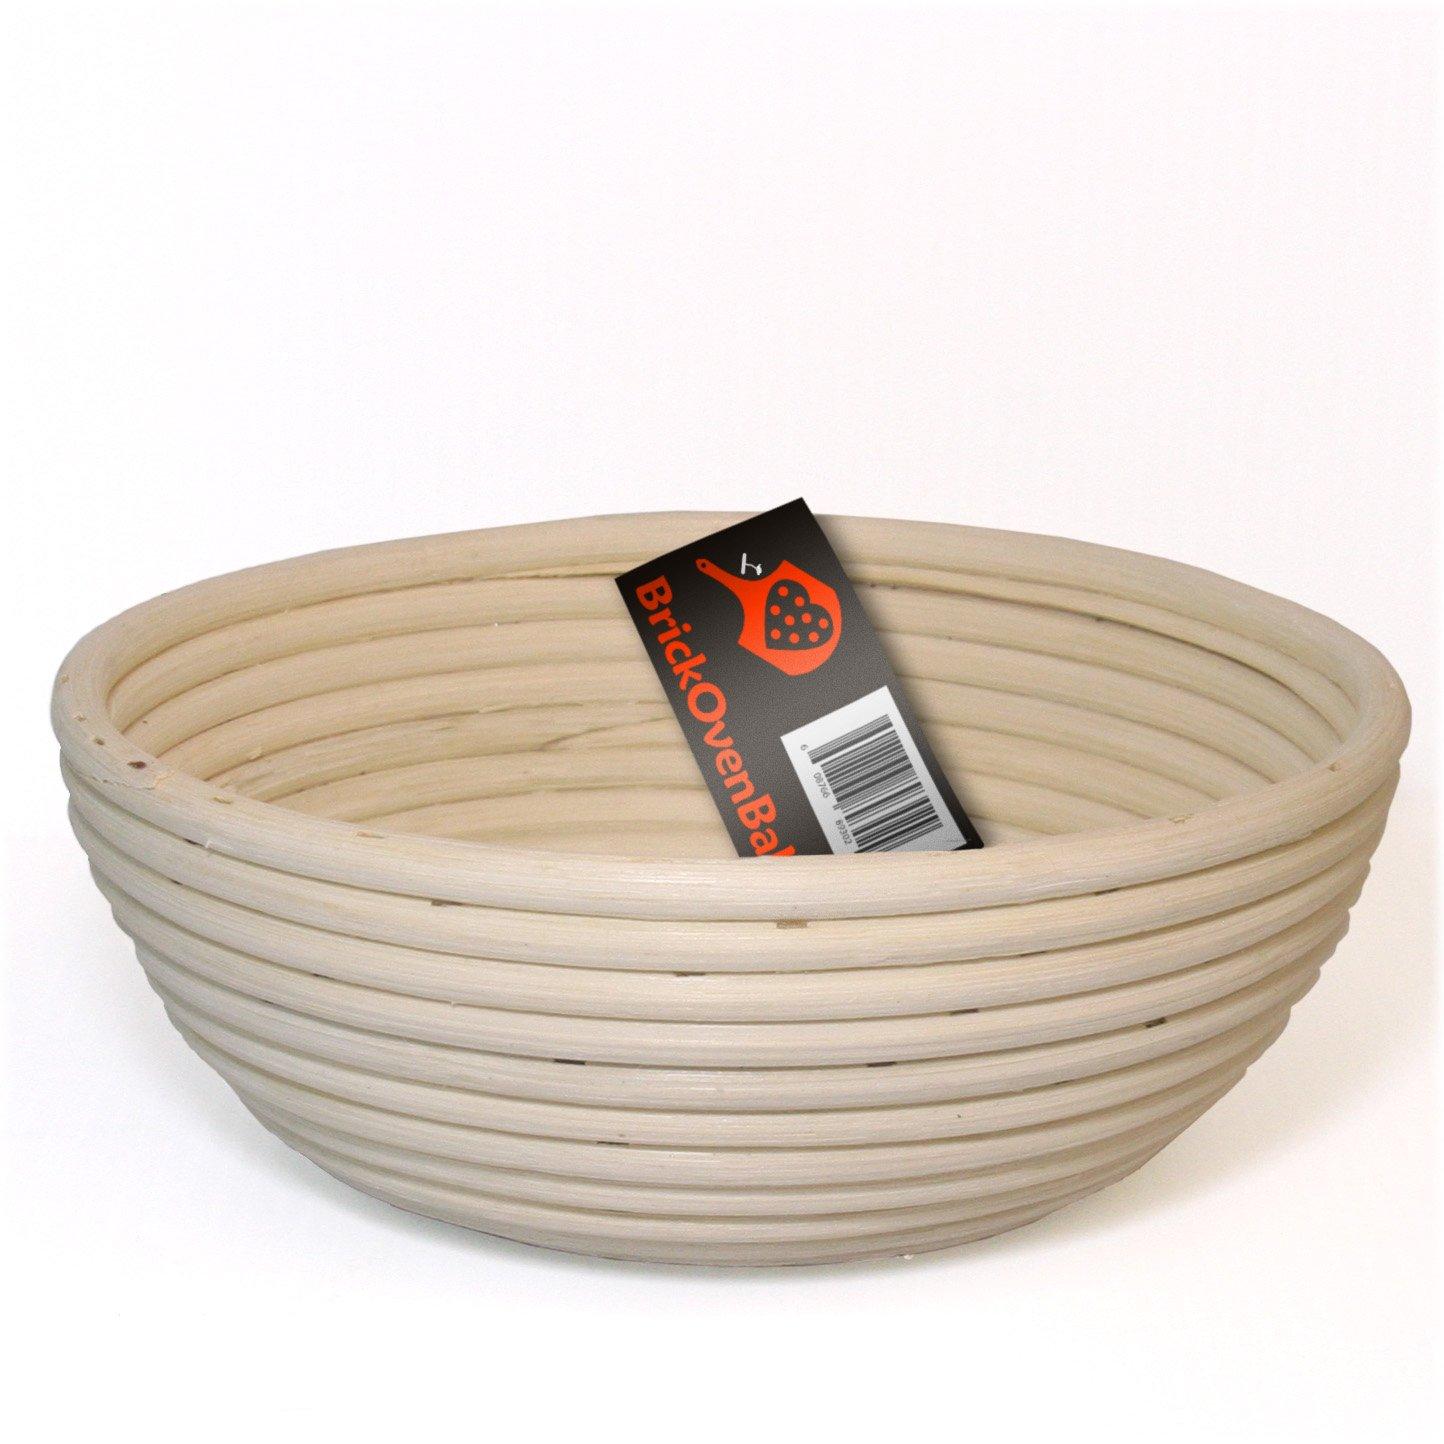 BrickOvenBaker 9-inch Round Banneton Proofing Basket TG-0041